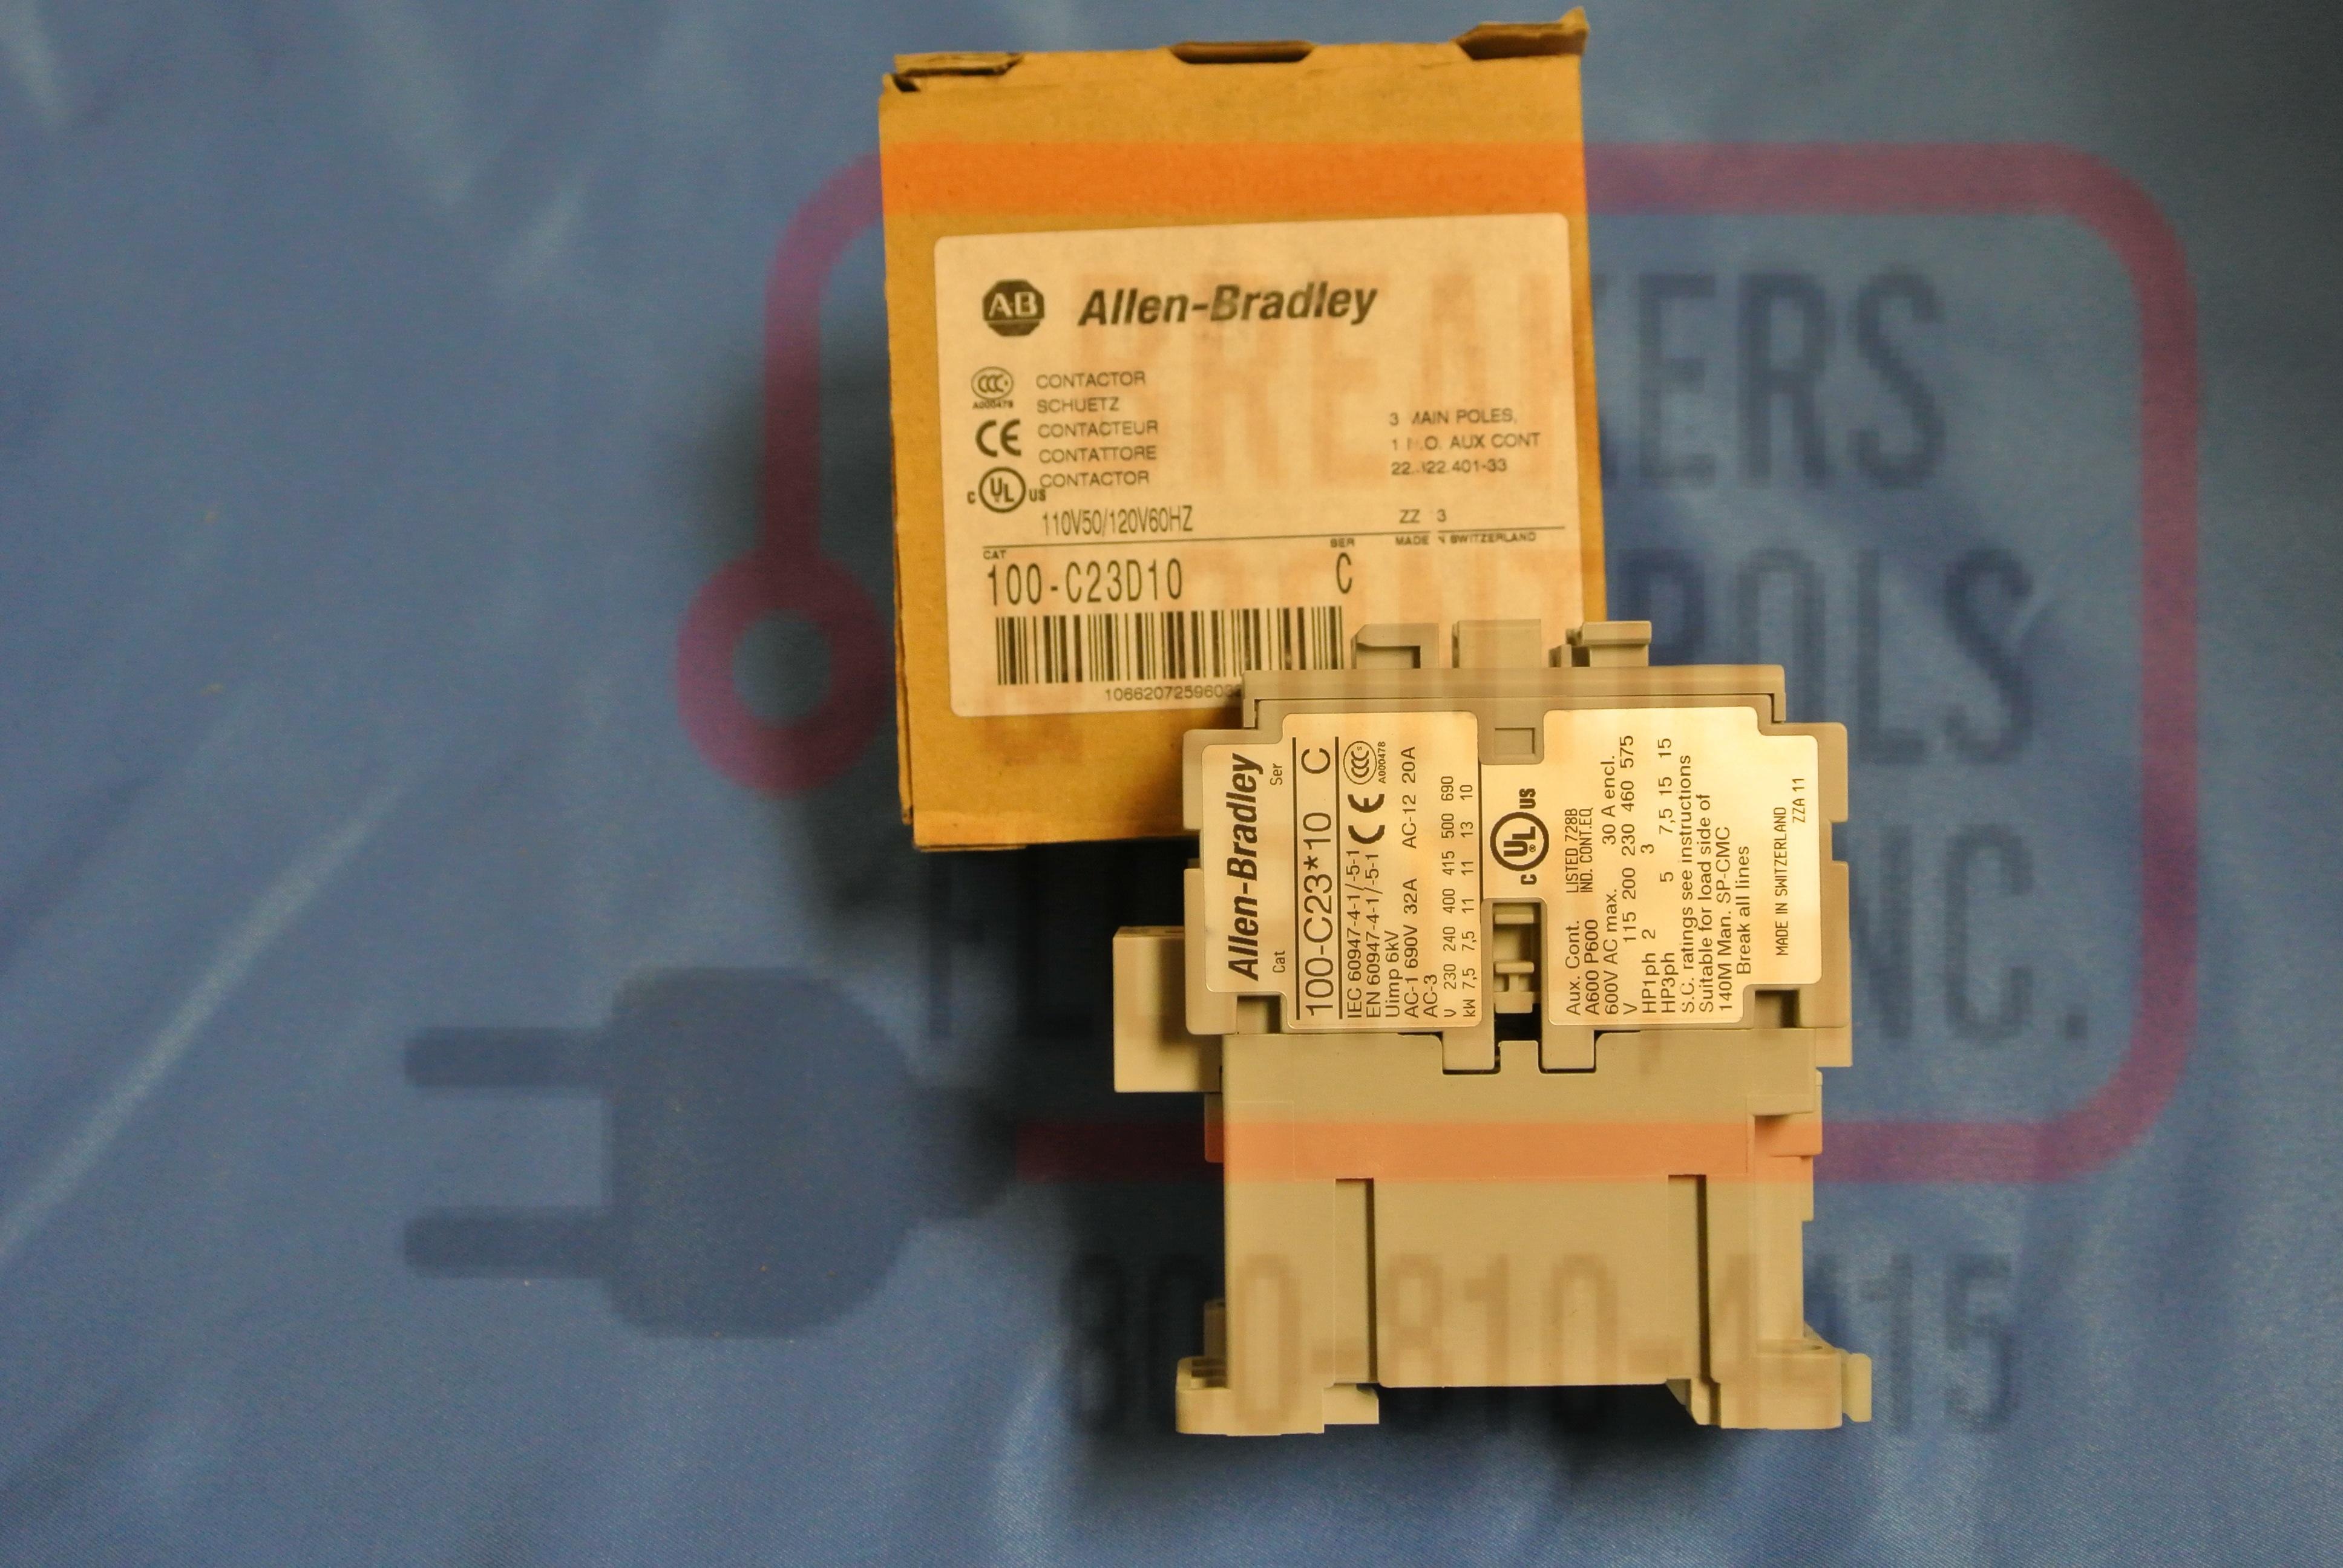 Allen Bradley 100-c23d10 Motor Control Contactor